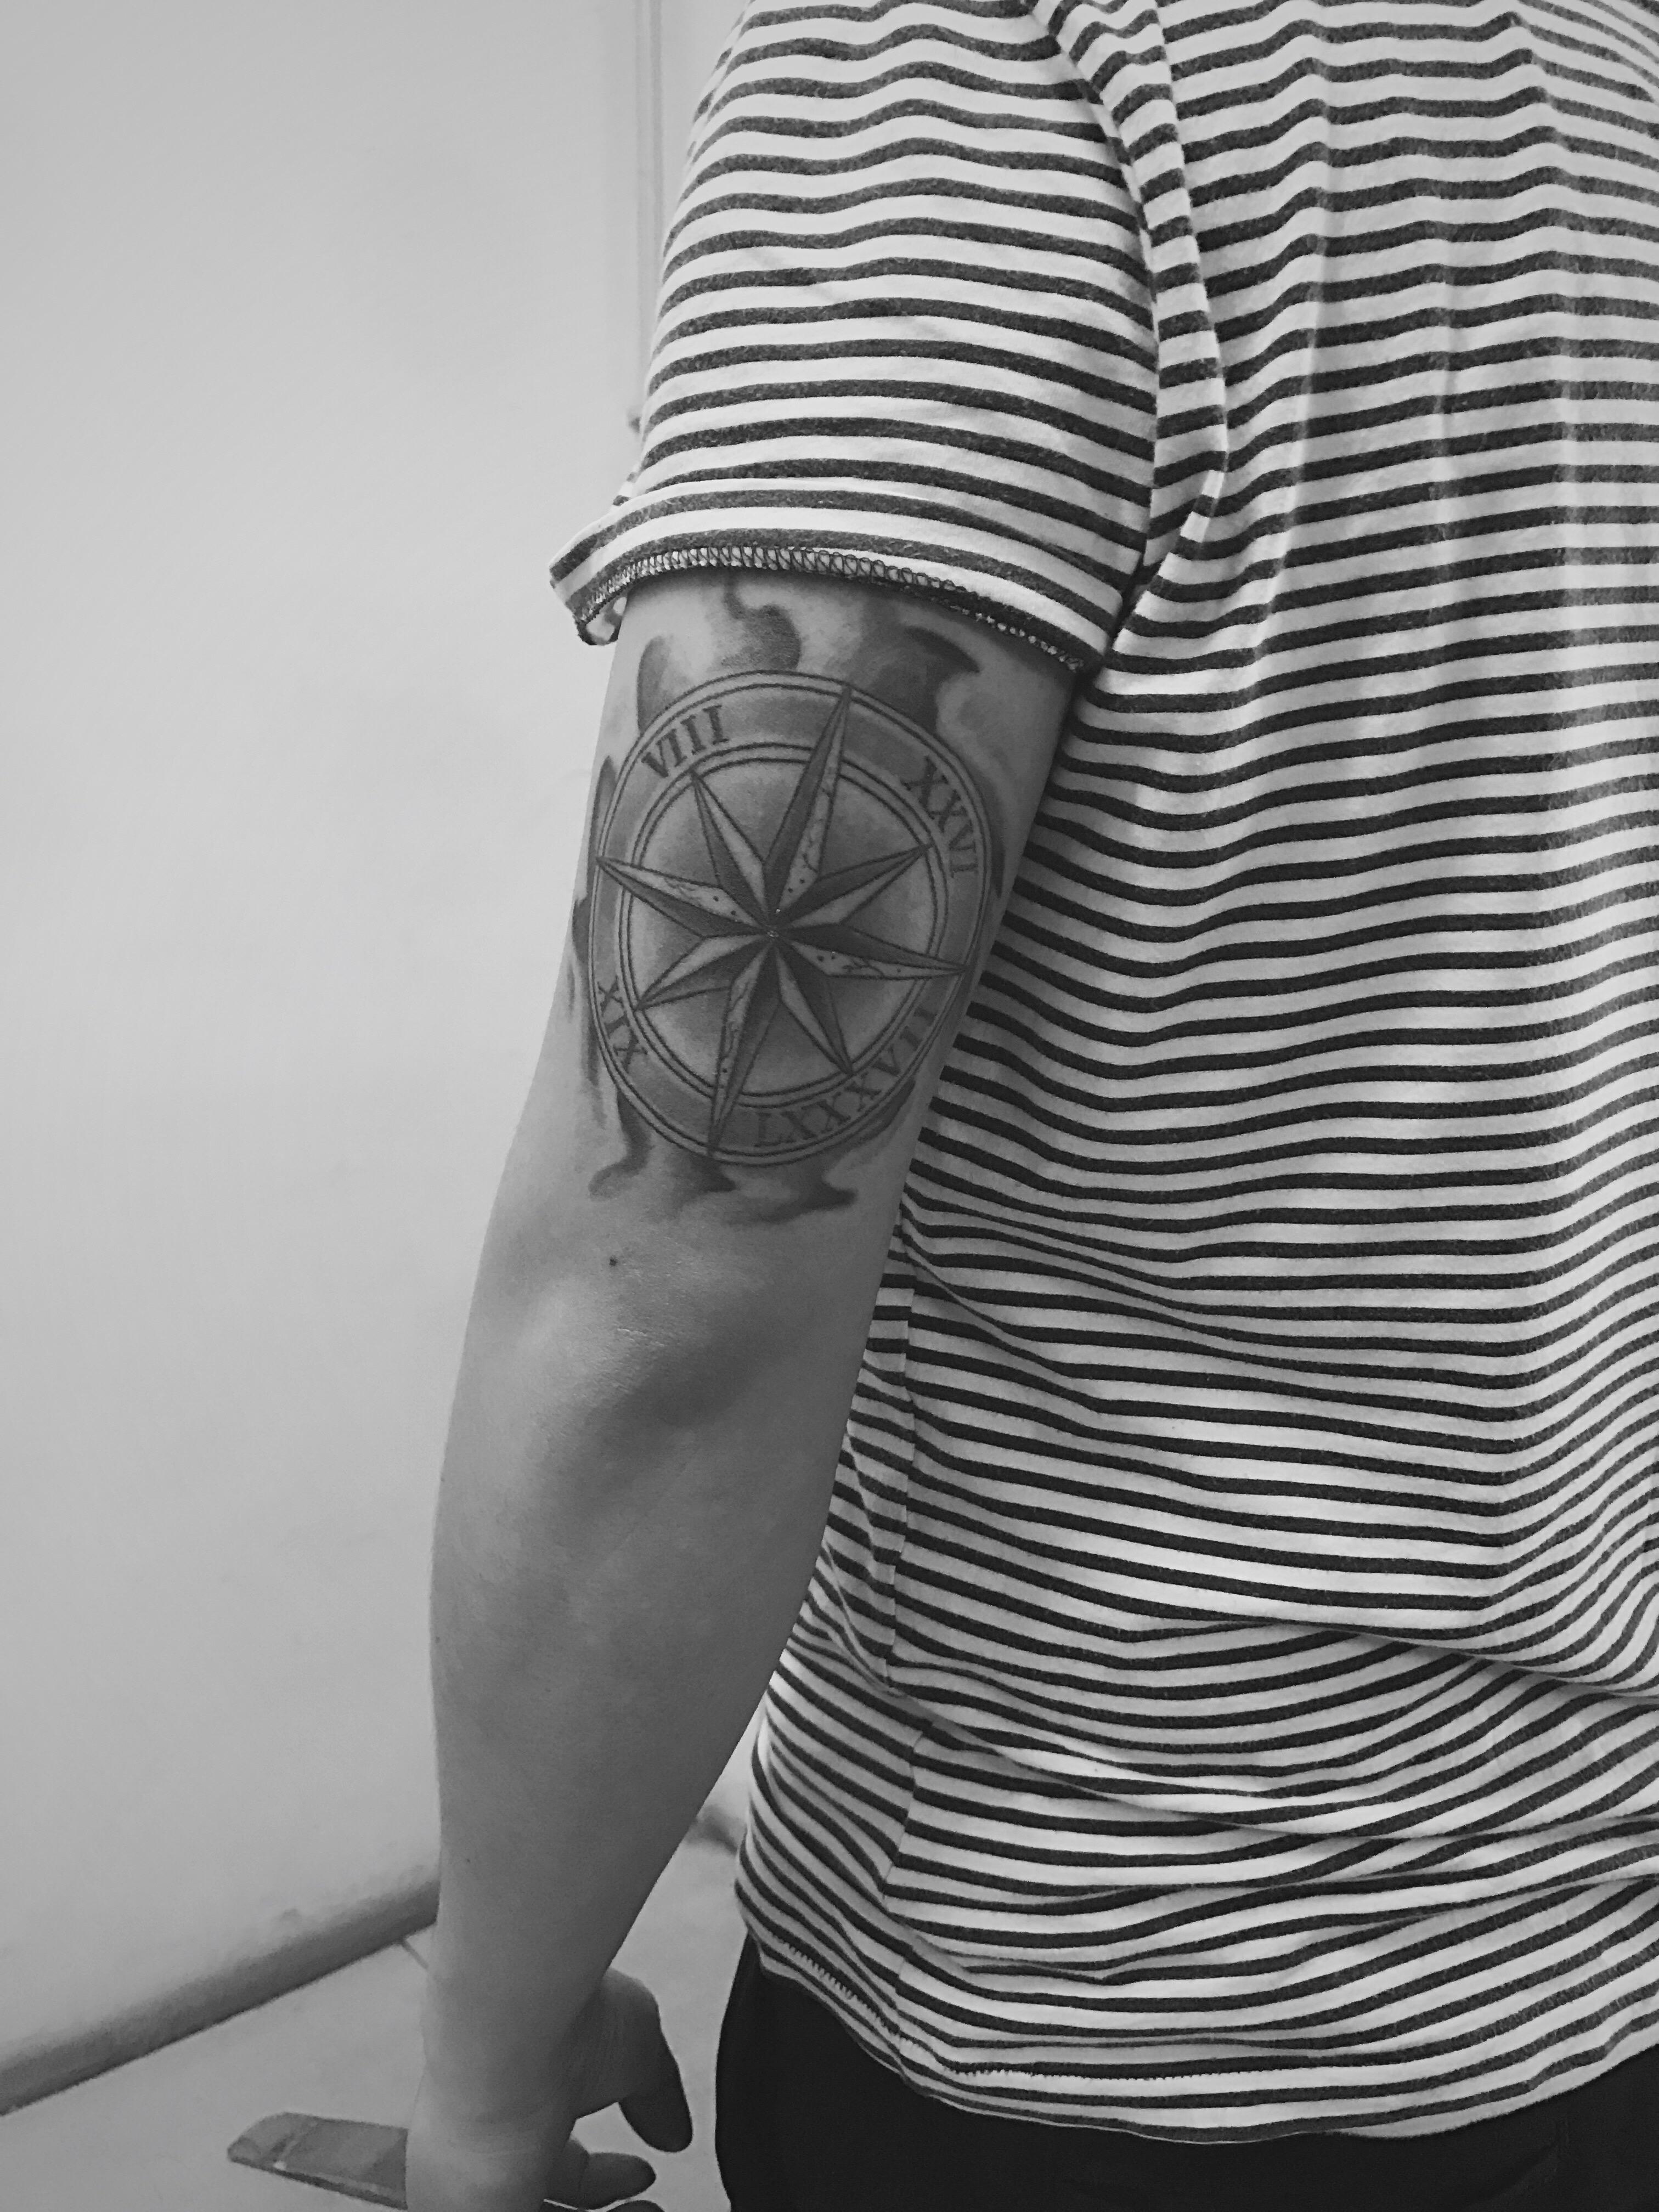 Drawn compass roman It tattoo 17 Feb 17